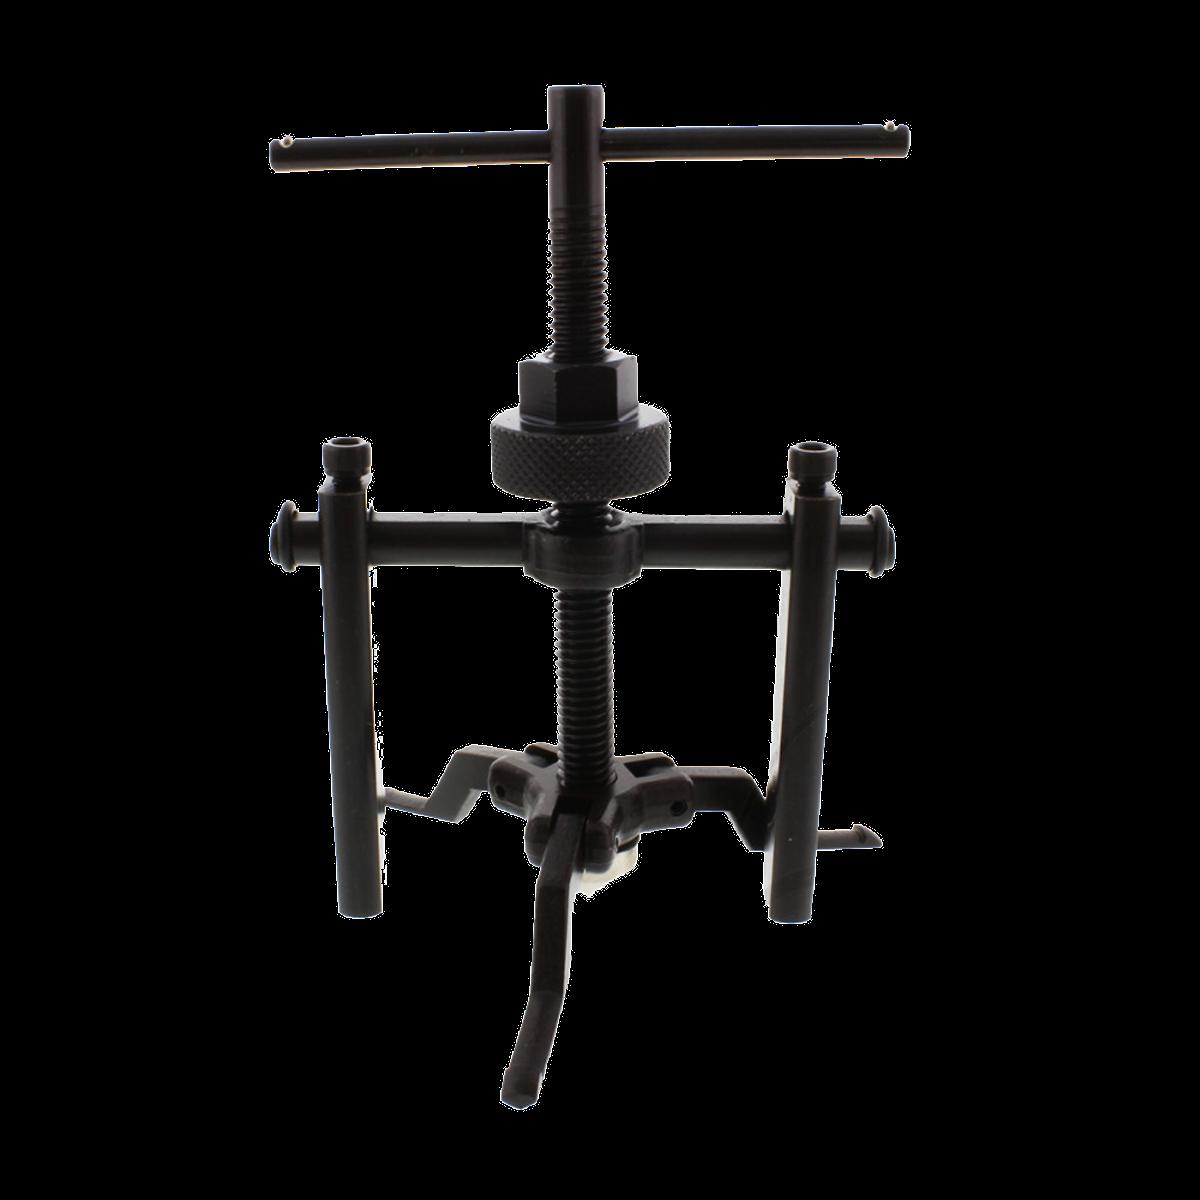 Abzieher Kugellager Innenauszieher Radlager Werkzeug 12 bis 38 mm